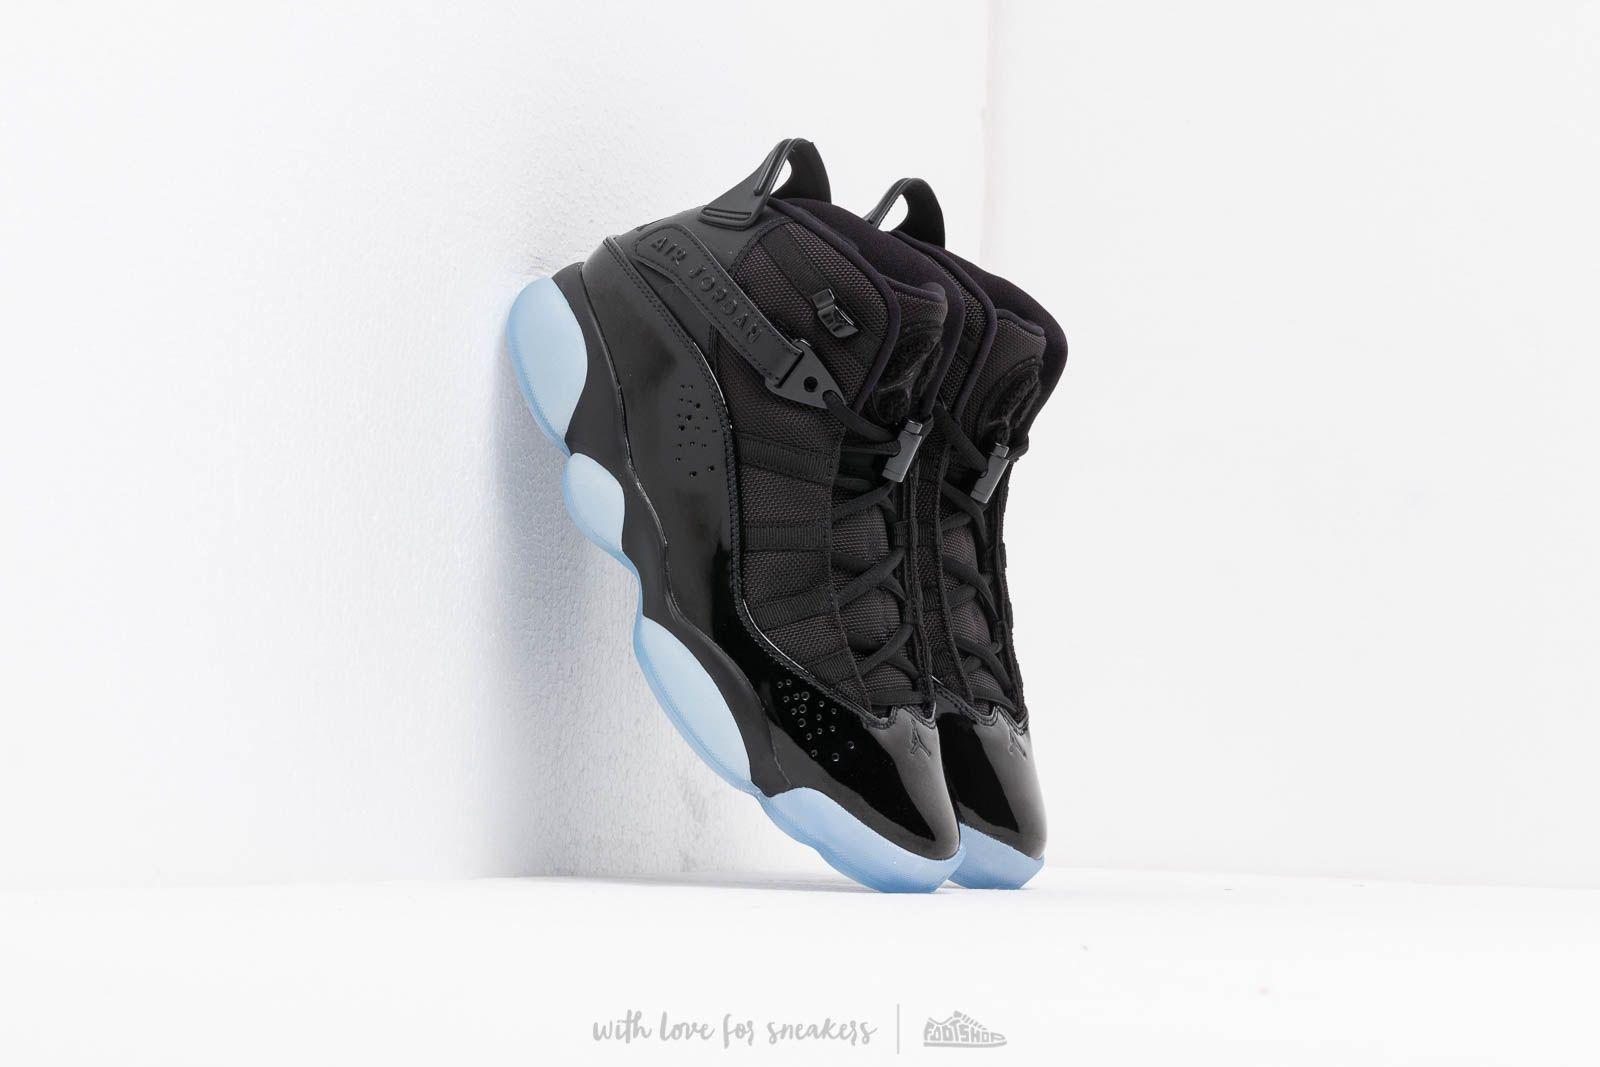 19602557c1b63 Jordan 6 Rings Black  Black-White a muy buen precio 148 € comprar en